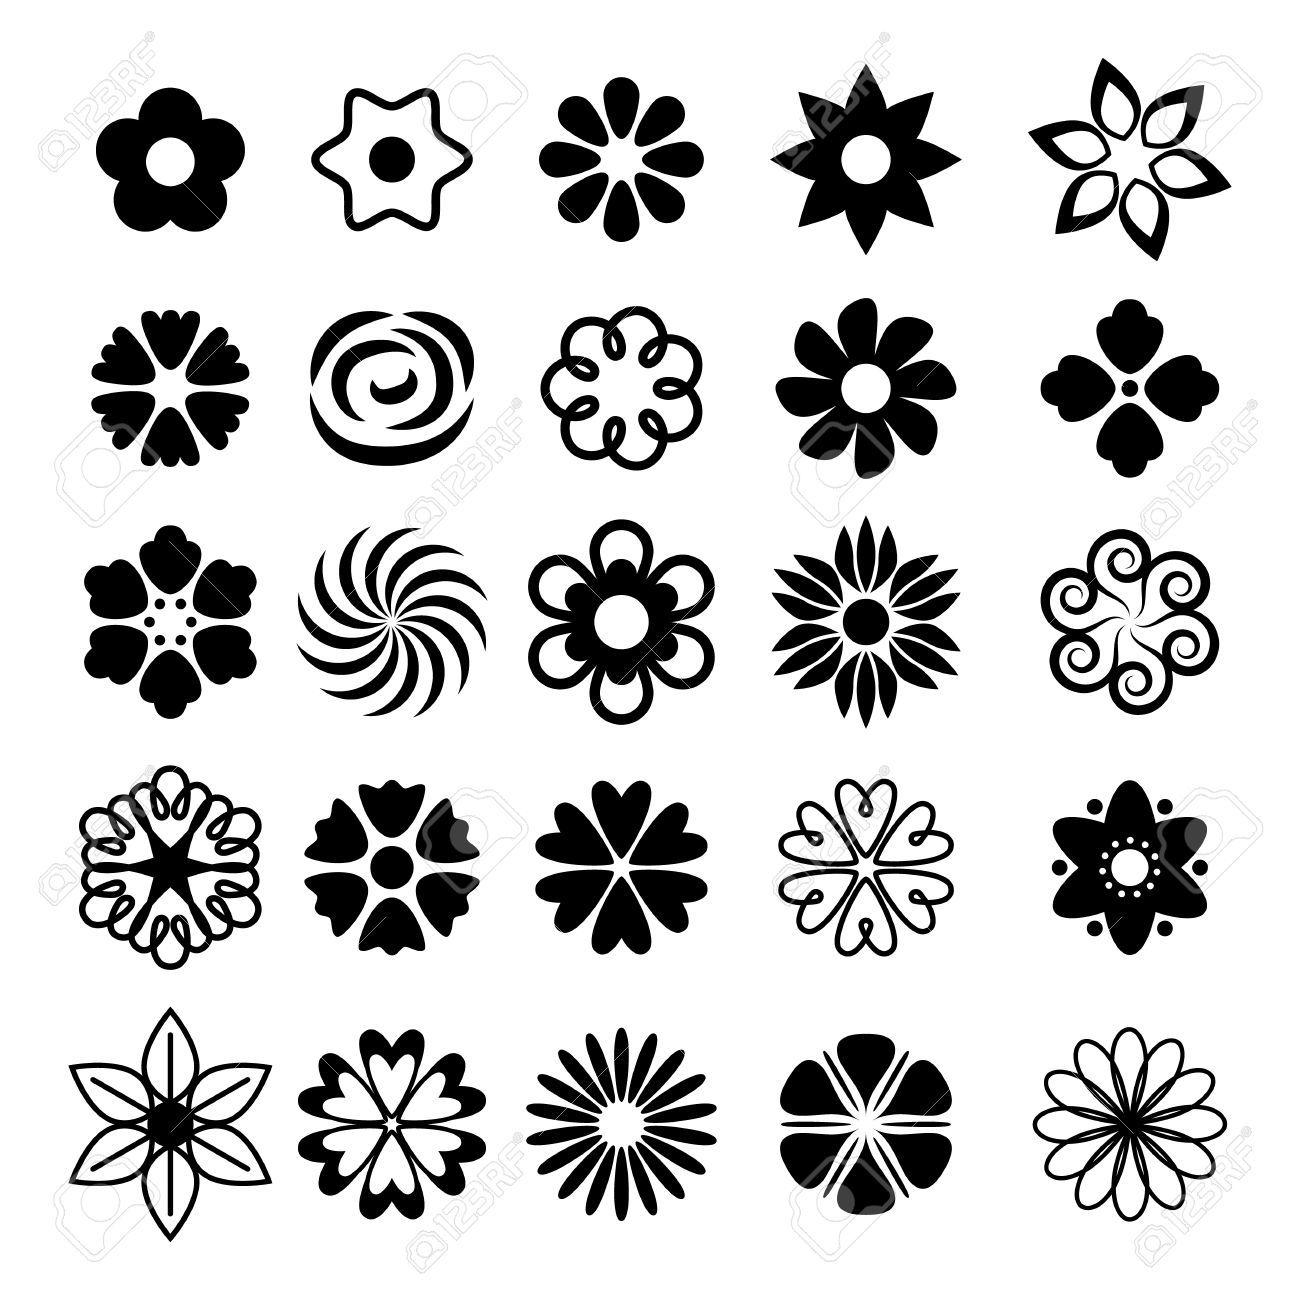 Pin On Mangalas Dibujos Y Mas